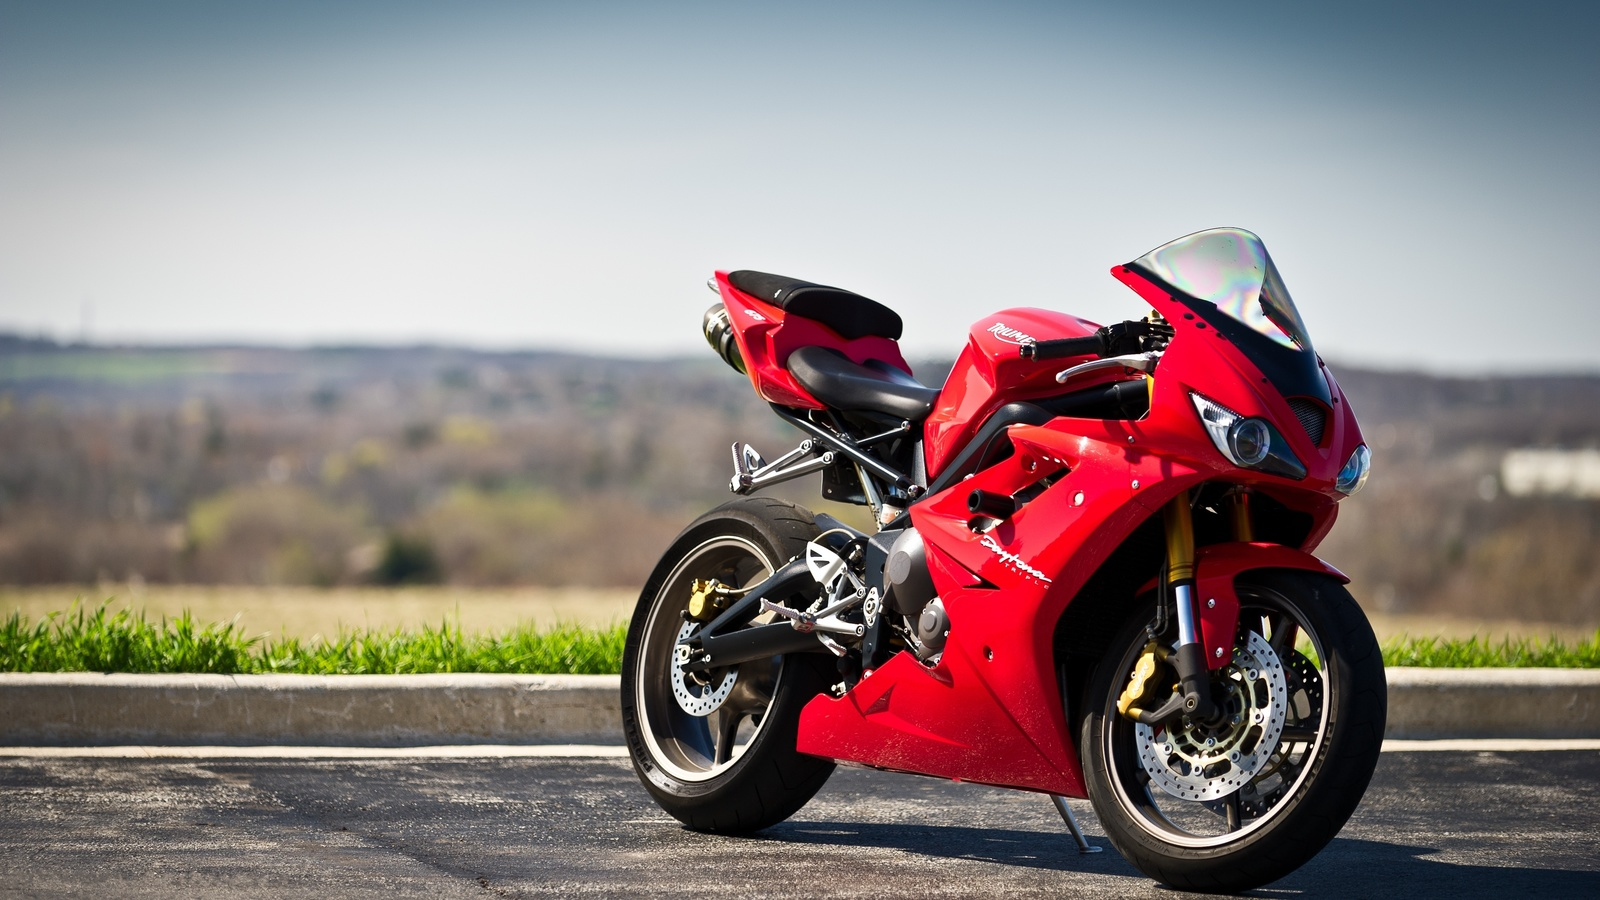 Завязать красивый, картинки спортивные мотоциклы